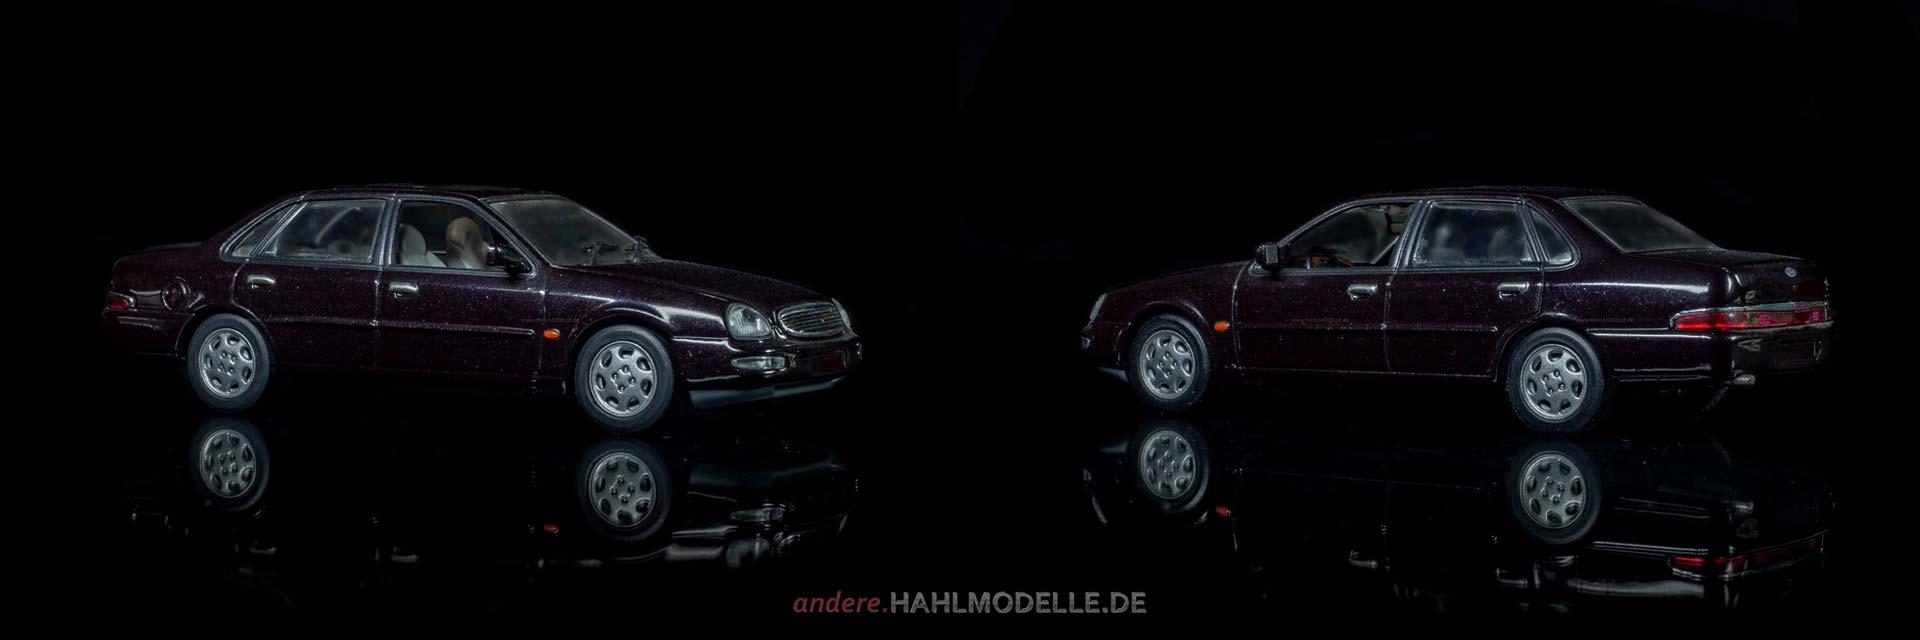 Ford Scorpio   Limousine   Minichamps   www.andere.hahlmodelle.de